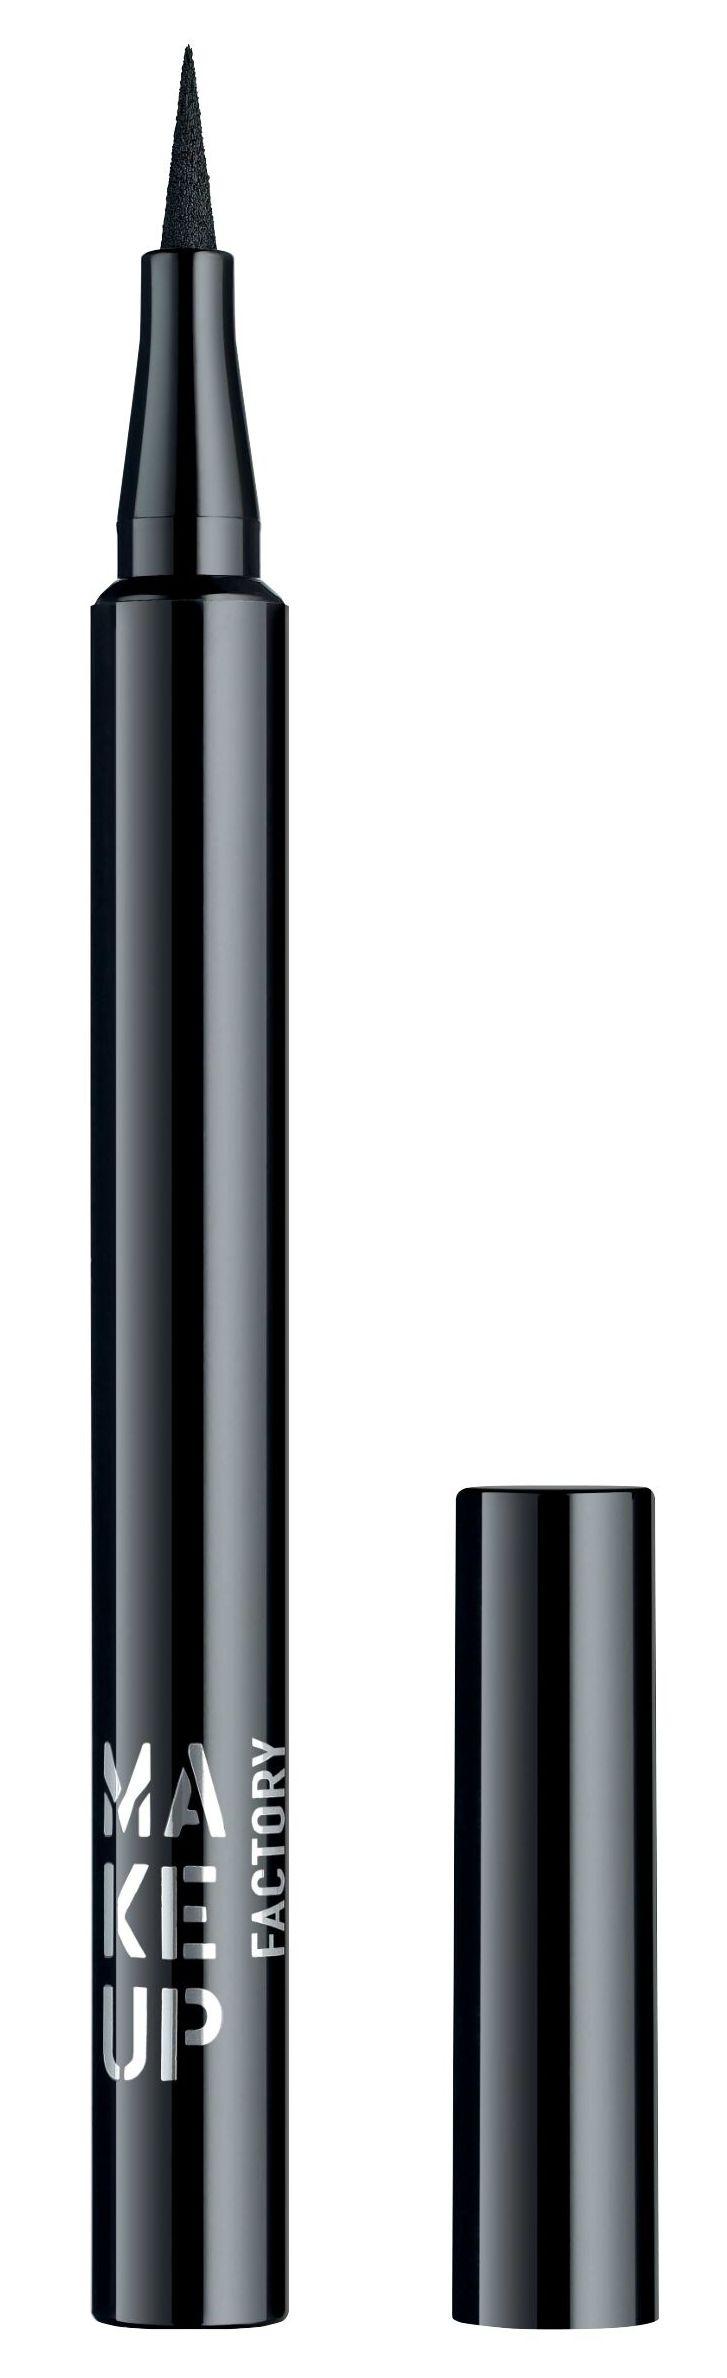 Купить MAKE UP FACTORY Подводка жидкая для глаз, 01 черный / Full Precision Liquid Liner 1 мл